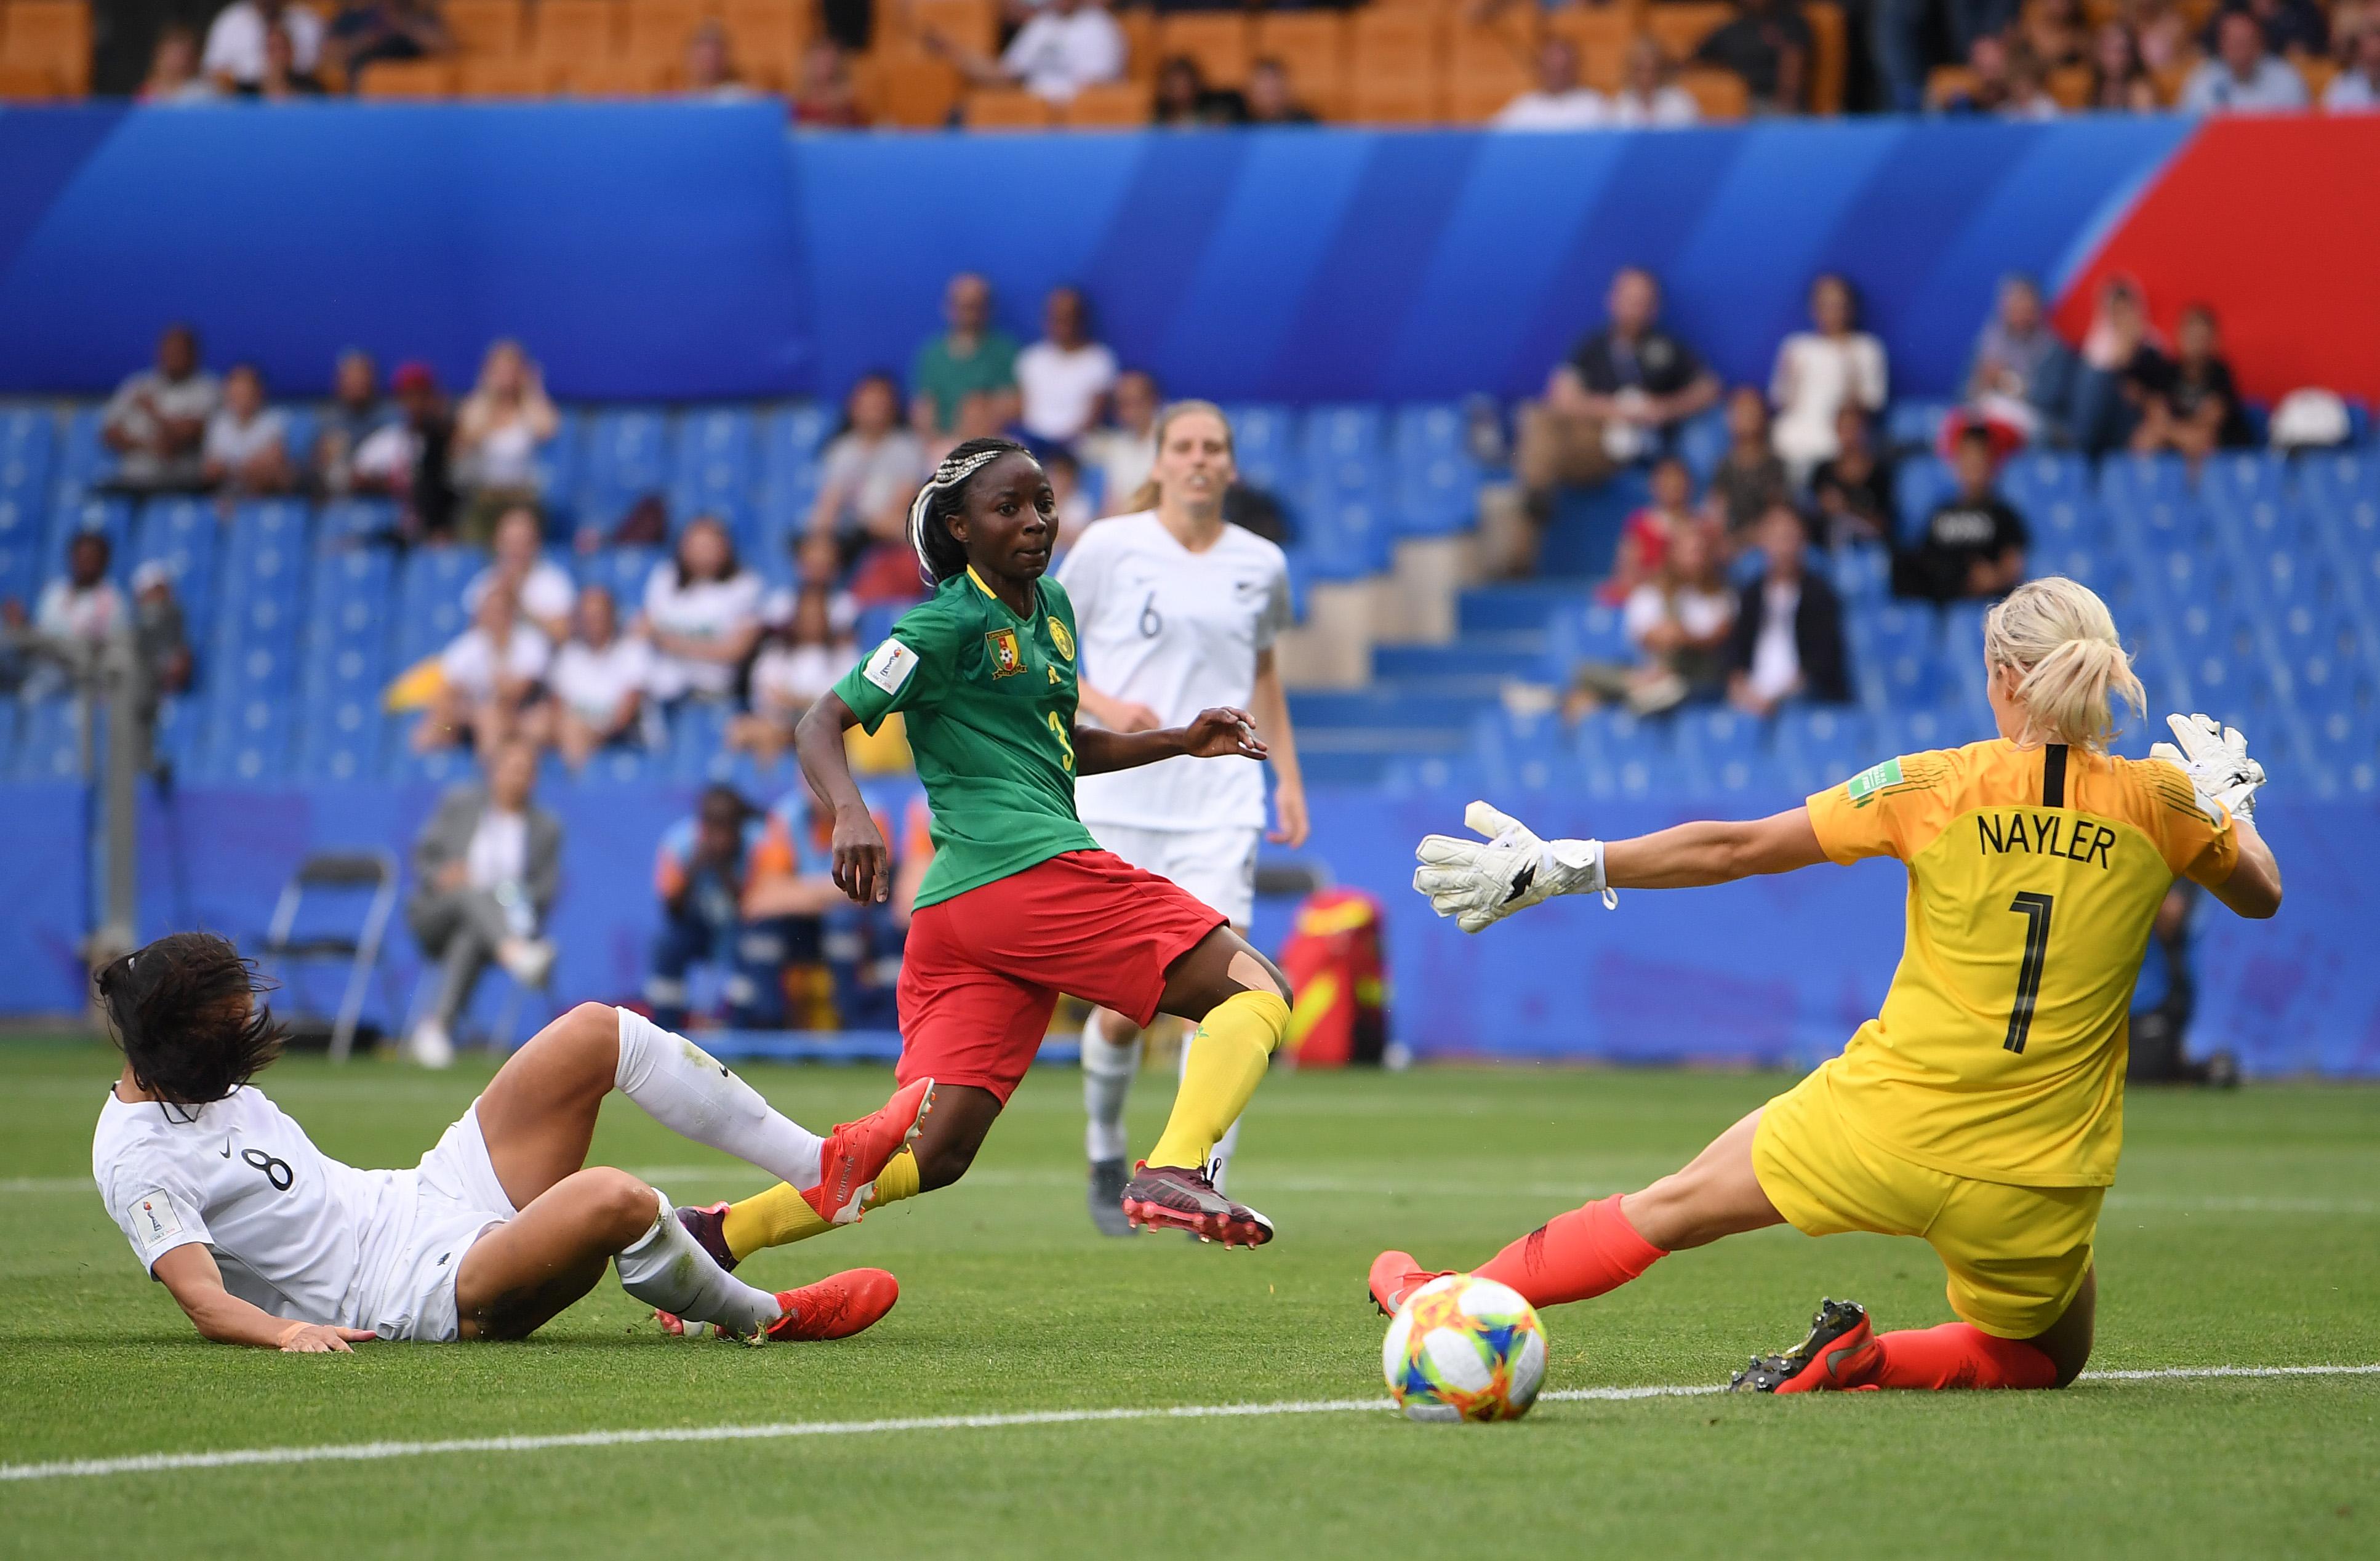 Coupe du monde féminine - Le Cameroun se qualifie au bout du suspense !